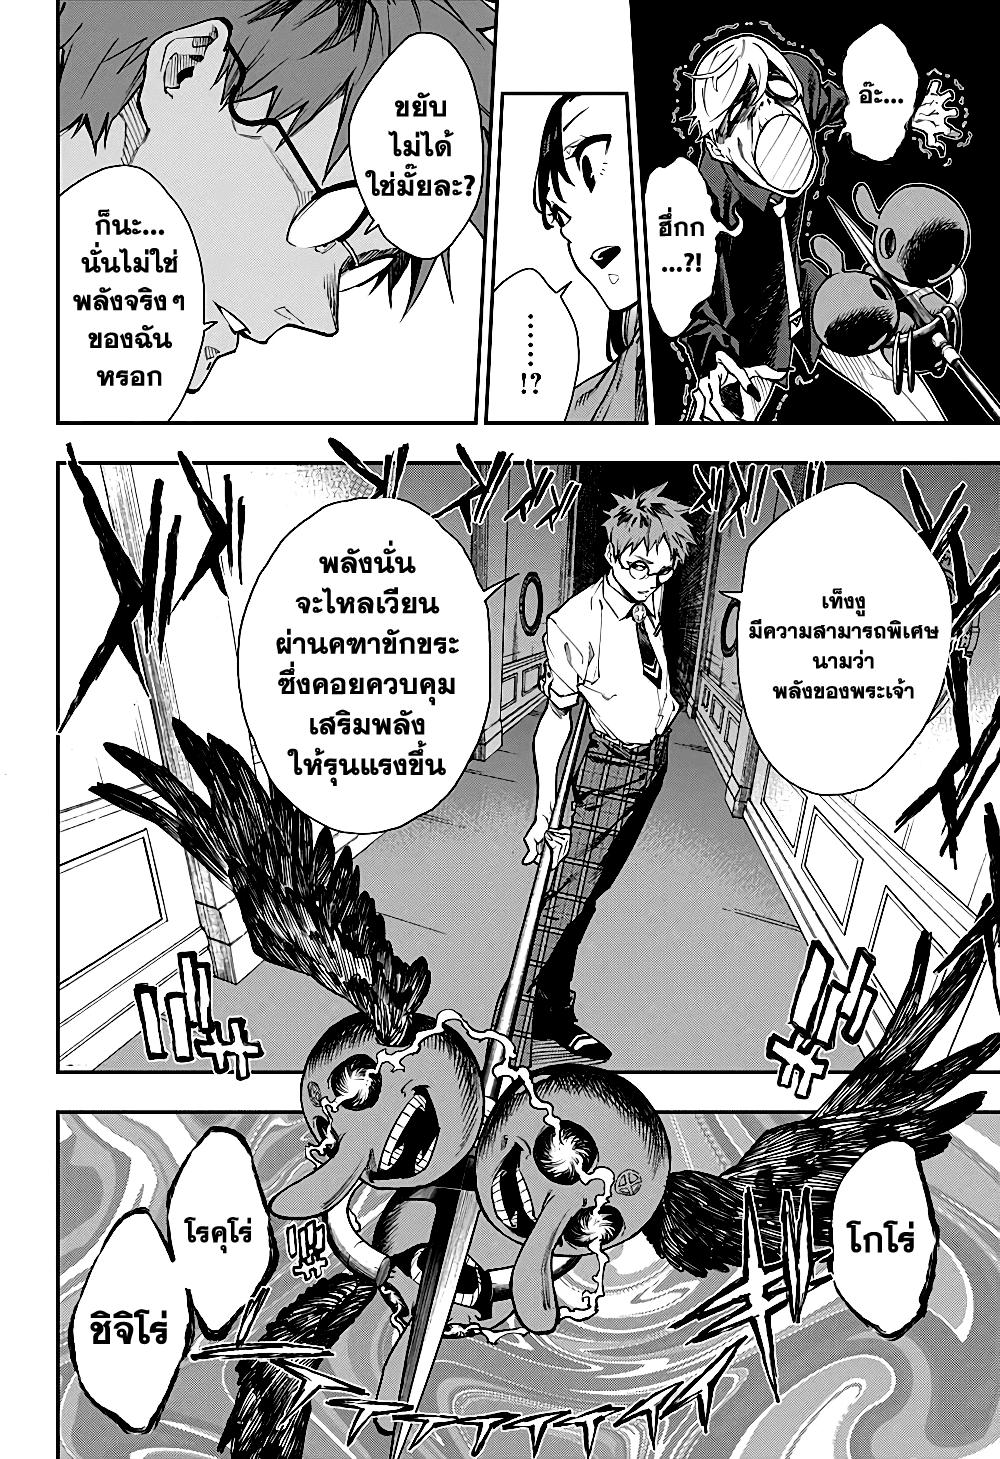 อ่านการ์ตูน Phantom Seer ตอนที่ 5 หน้าที่ 6